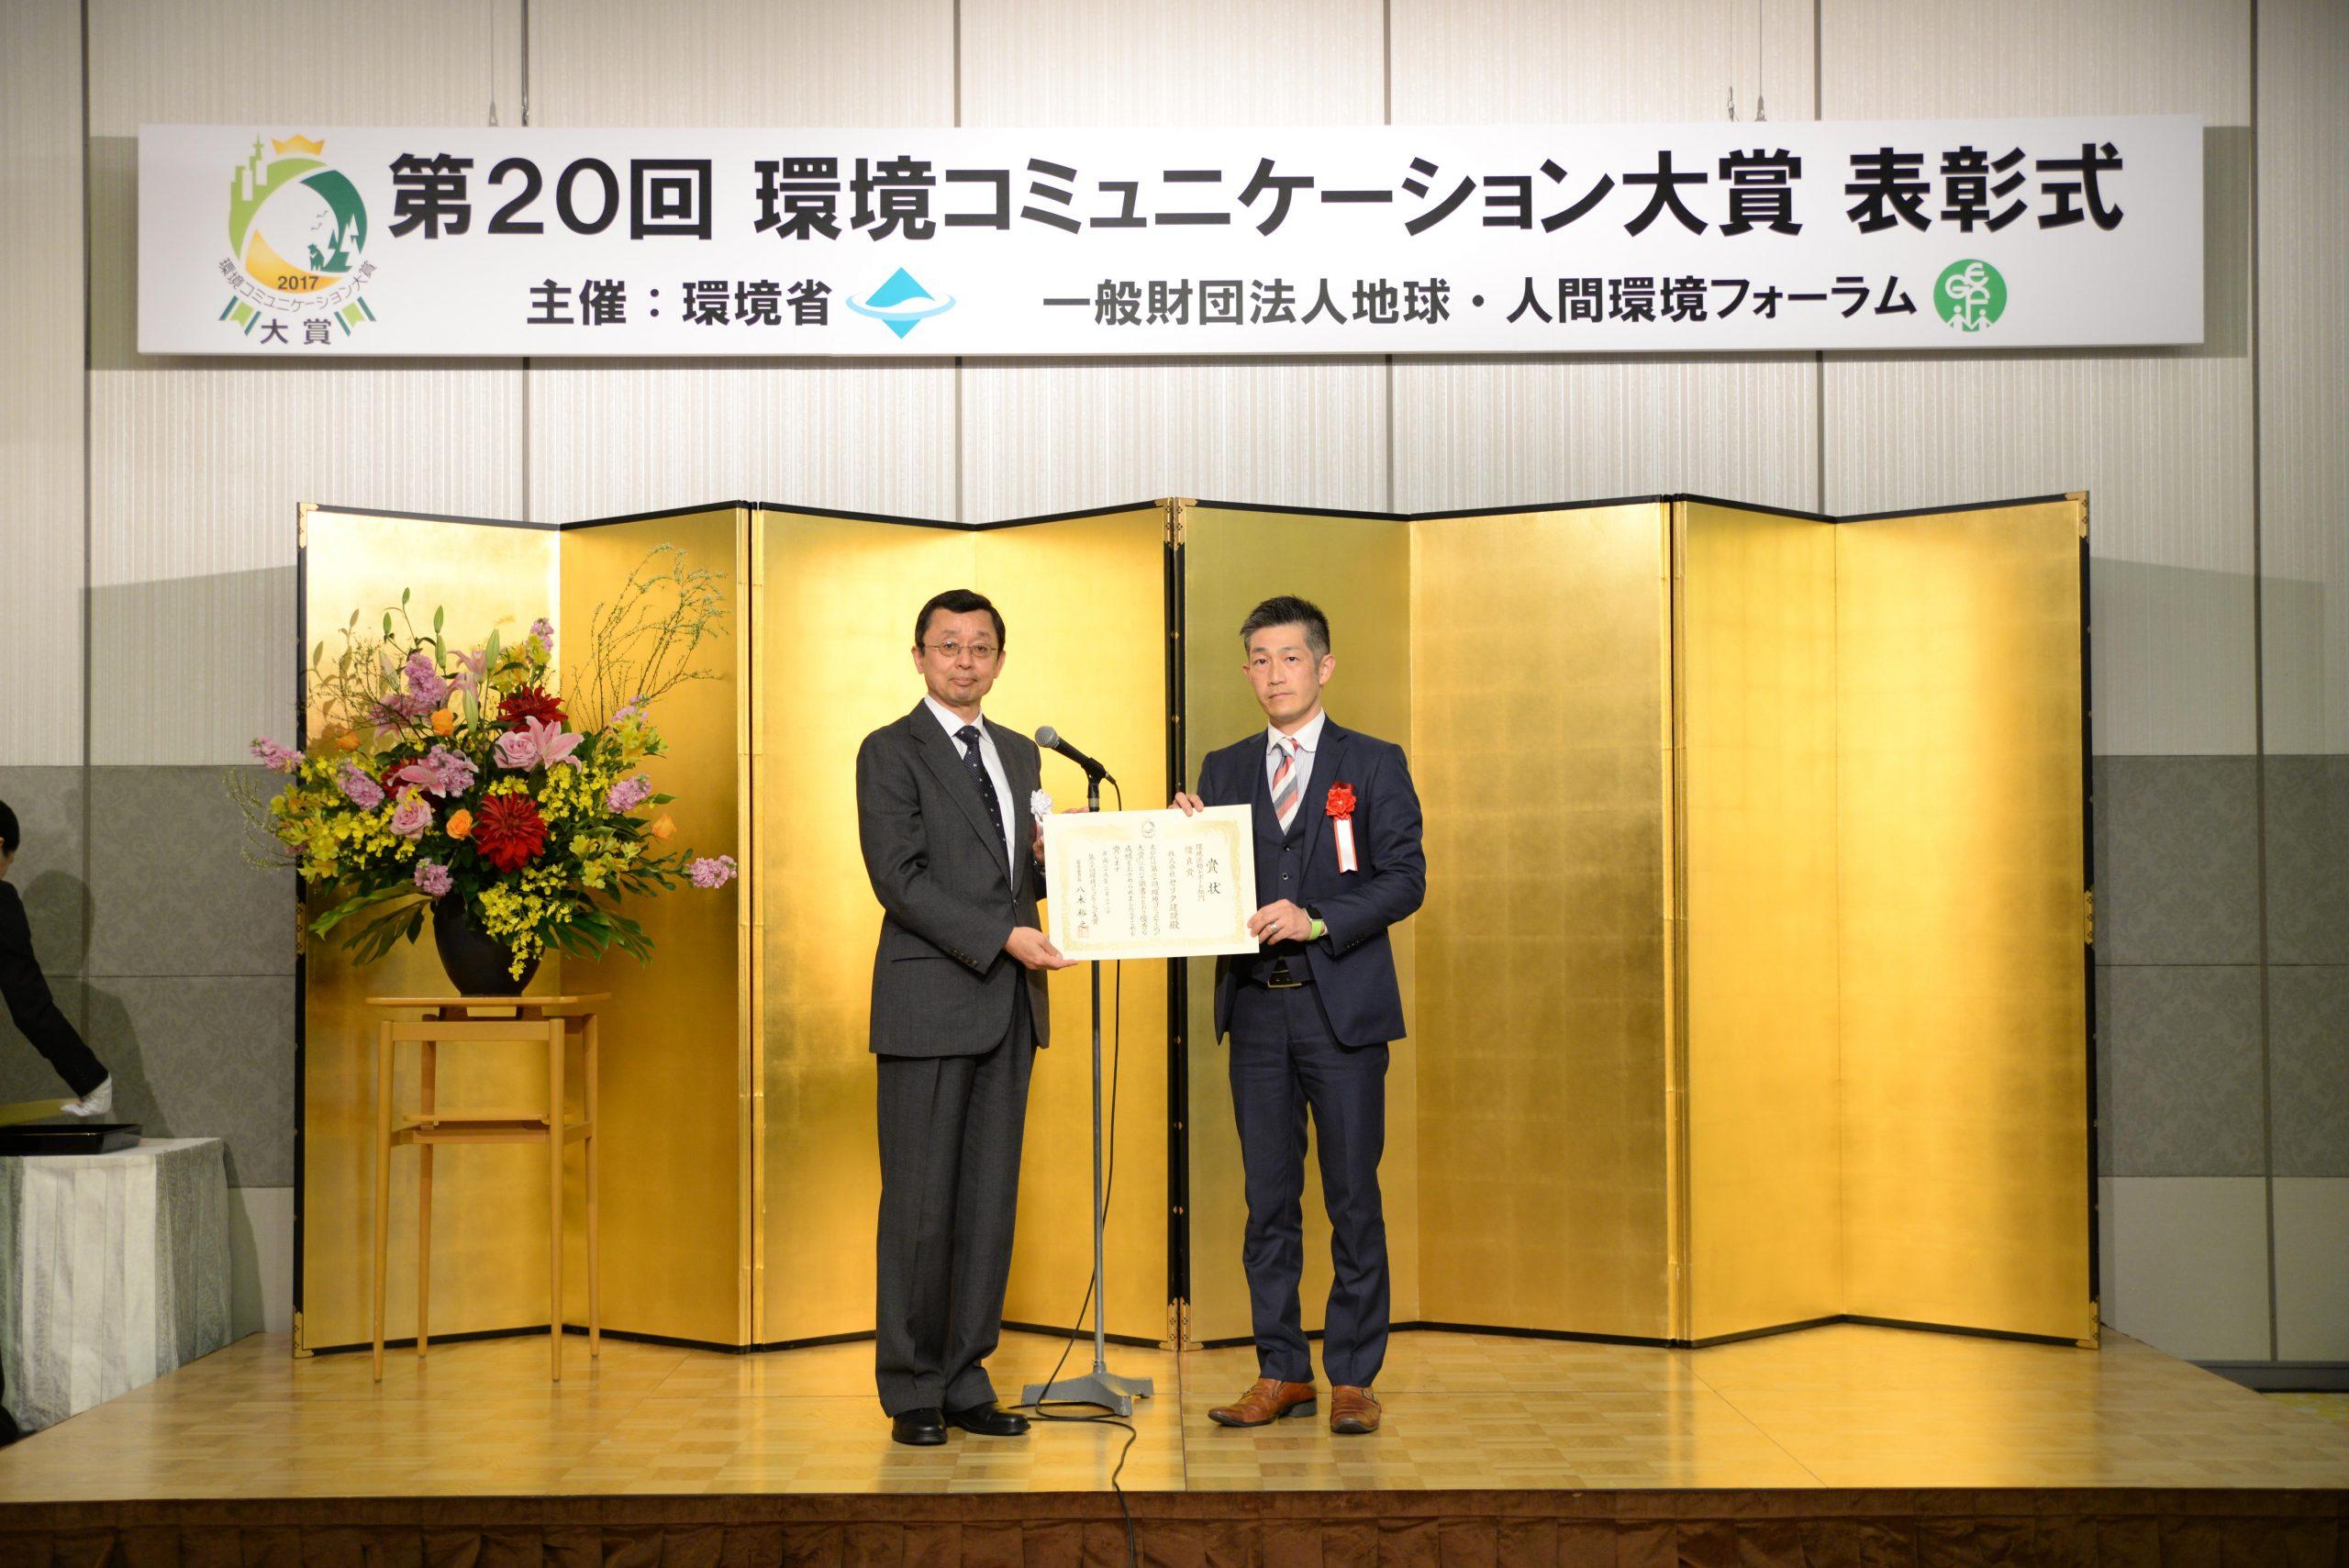 第20回環境コミュニケーション大賞『優良賞』受賞